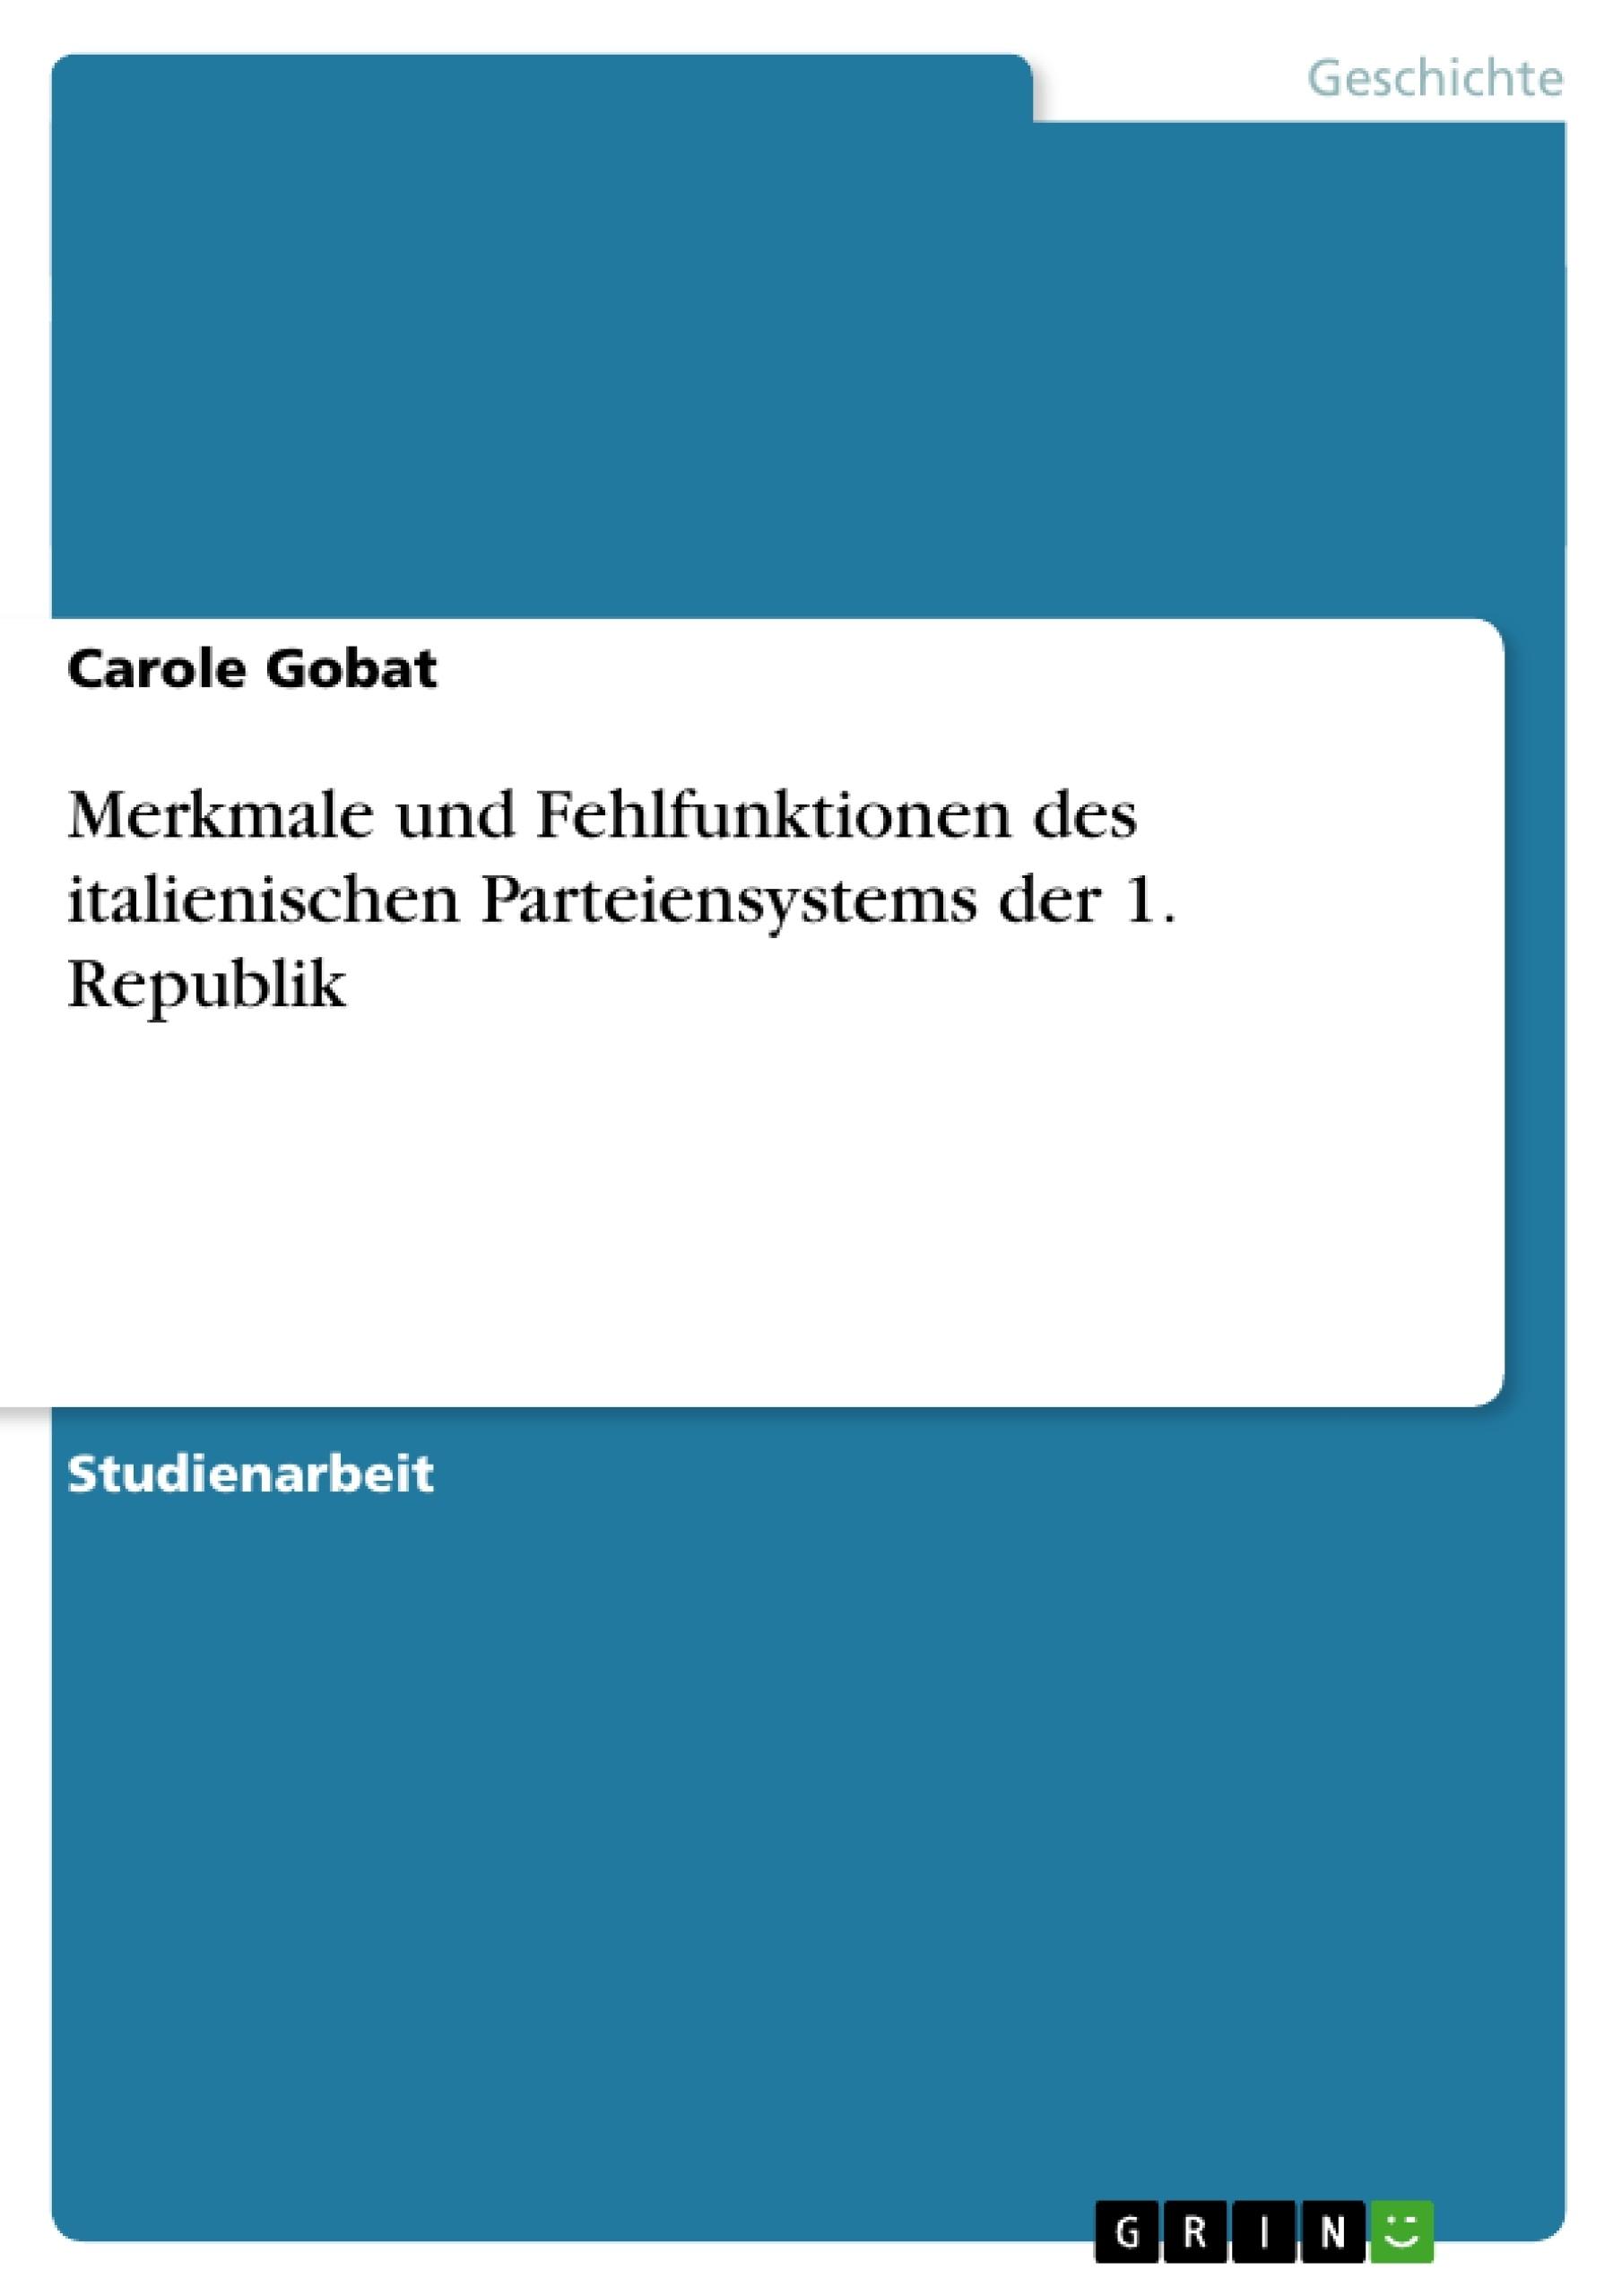 Titel: Merkmale und Fehlfunktionen des italienischen Parteiensystems der 1. Republik